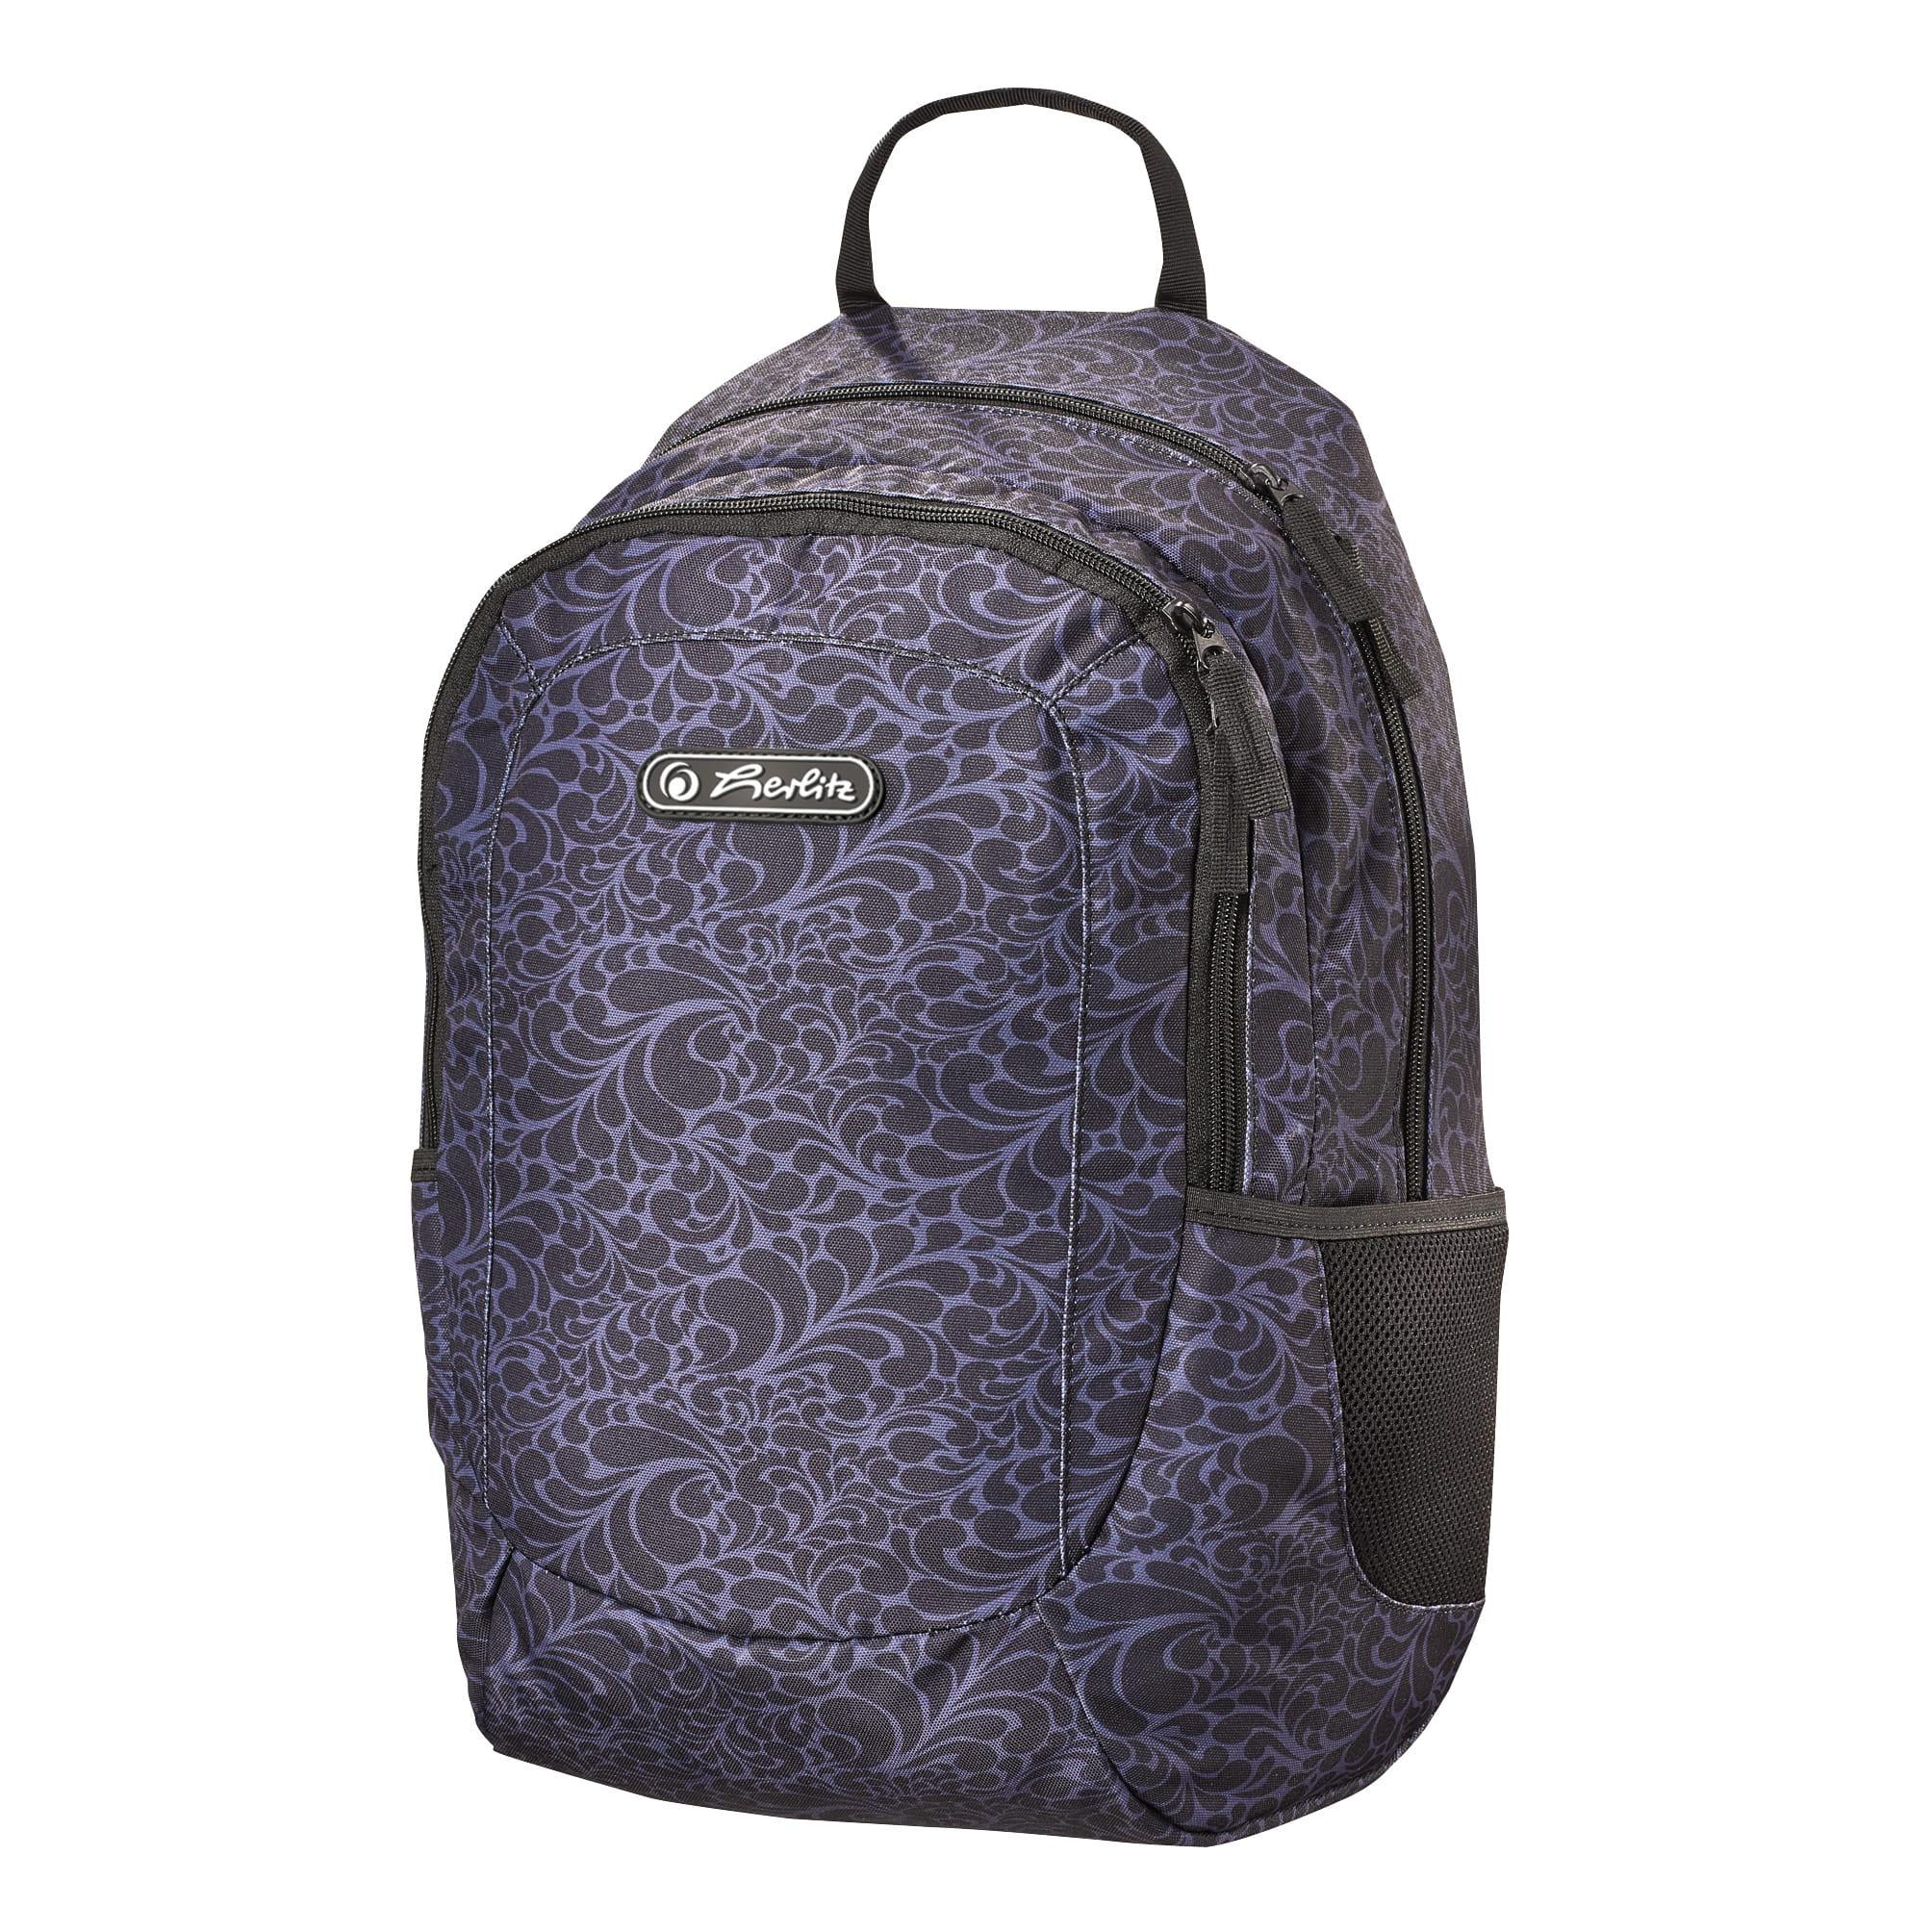 b16c7060cc327 Plecaki Młodzieżowe HERLITZ sklep - Dzieciaki Szkolniaki